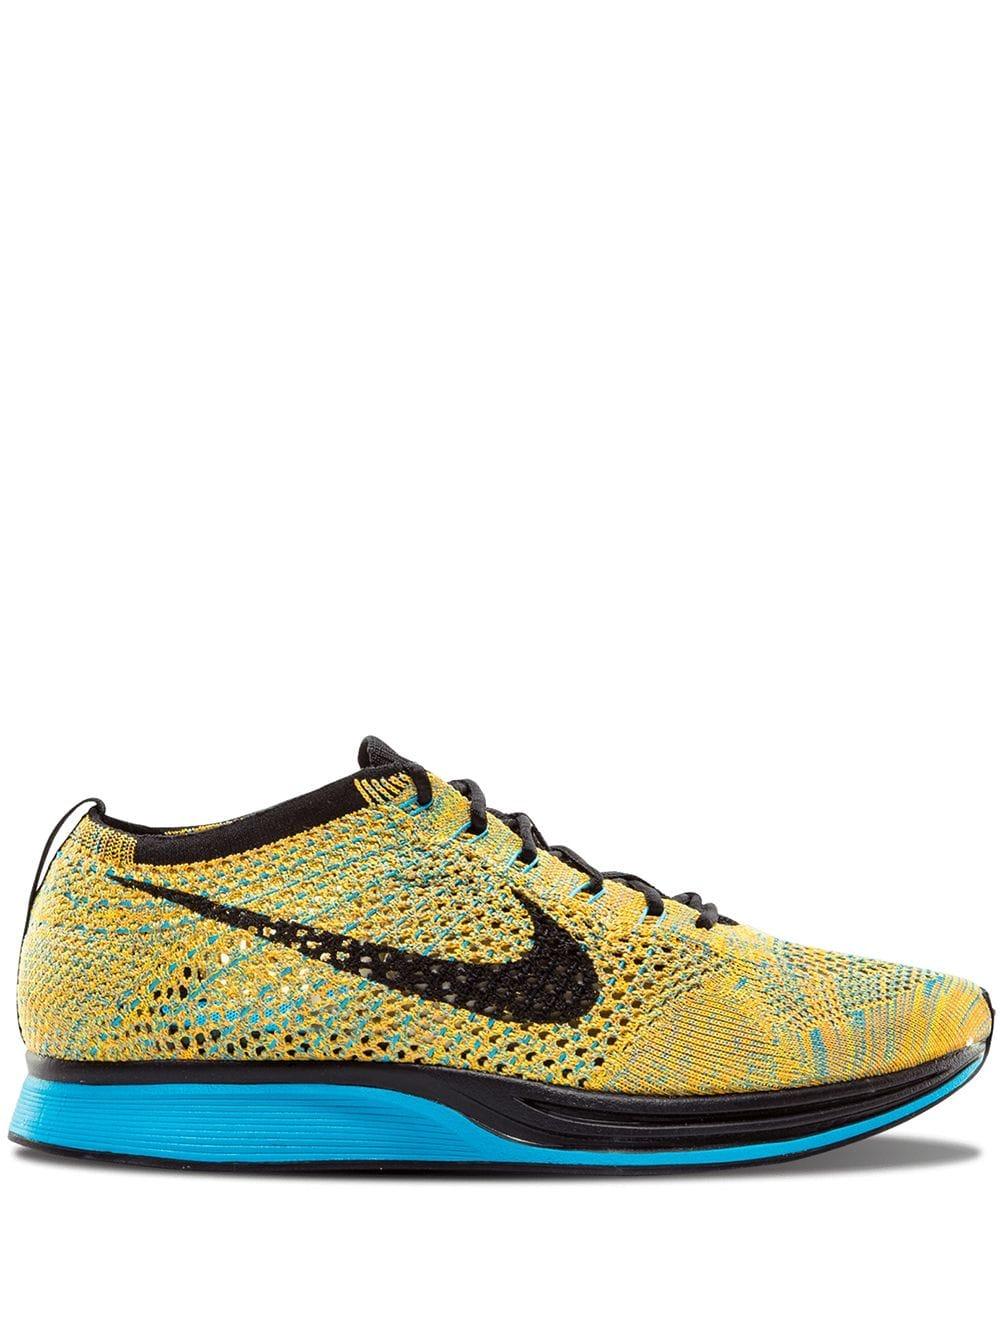 Nike Flyknit Racer Sneakers In Yellow